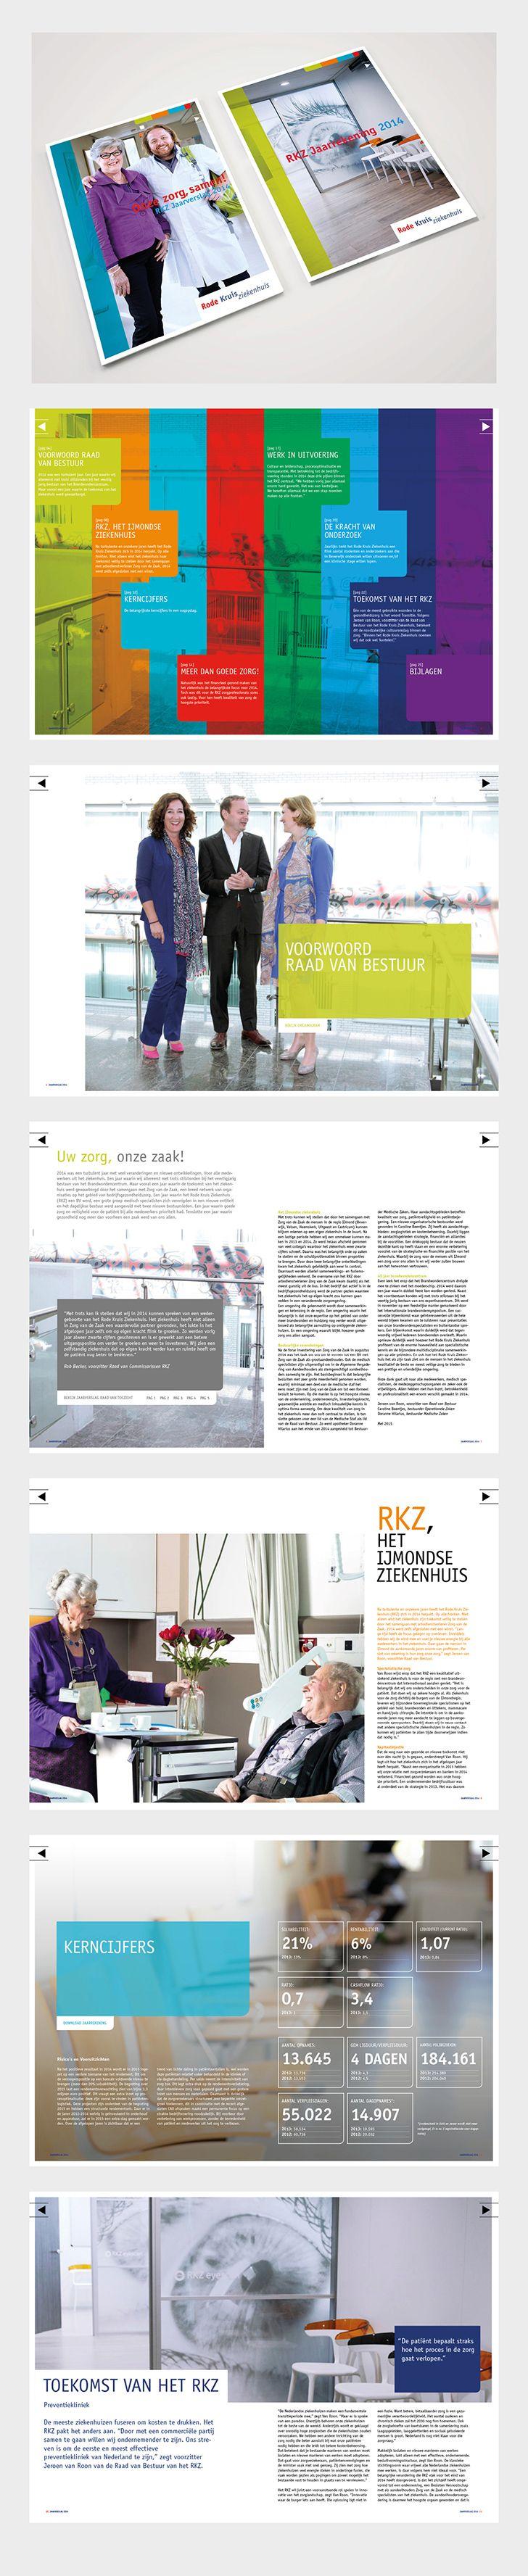 Corporate Design :: Rode Kruis Ziekenhuis :: Digitaal jaarverslag.